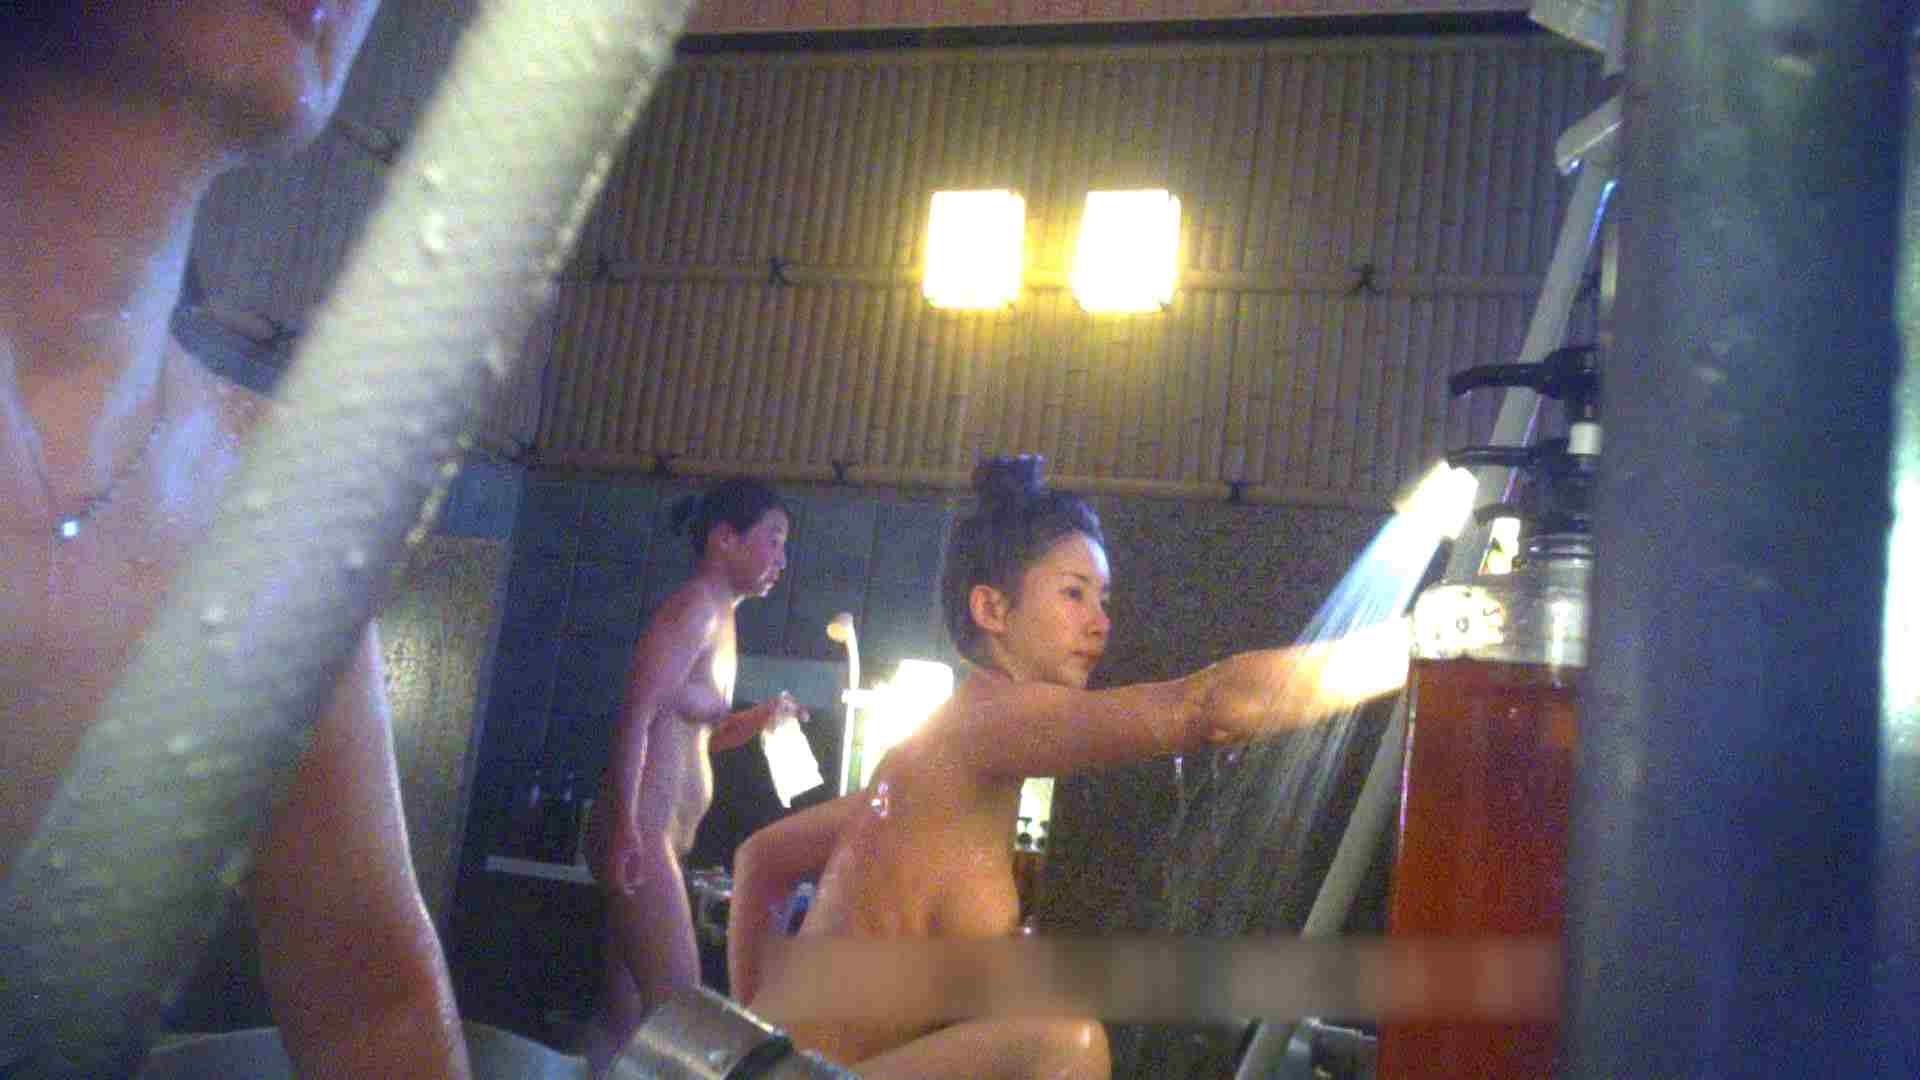 TG.15 【上等兵】高級旅館の爆乳女将で有名っぽい 女湯のぞき | むっちりガール  110枚 103